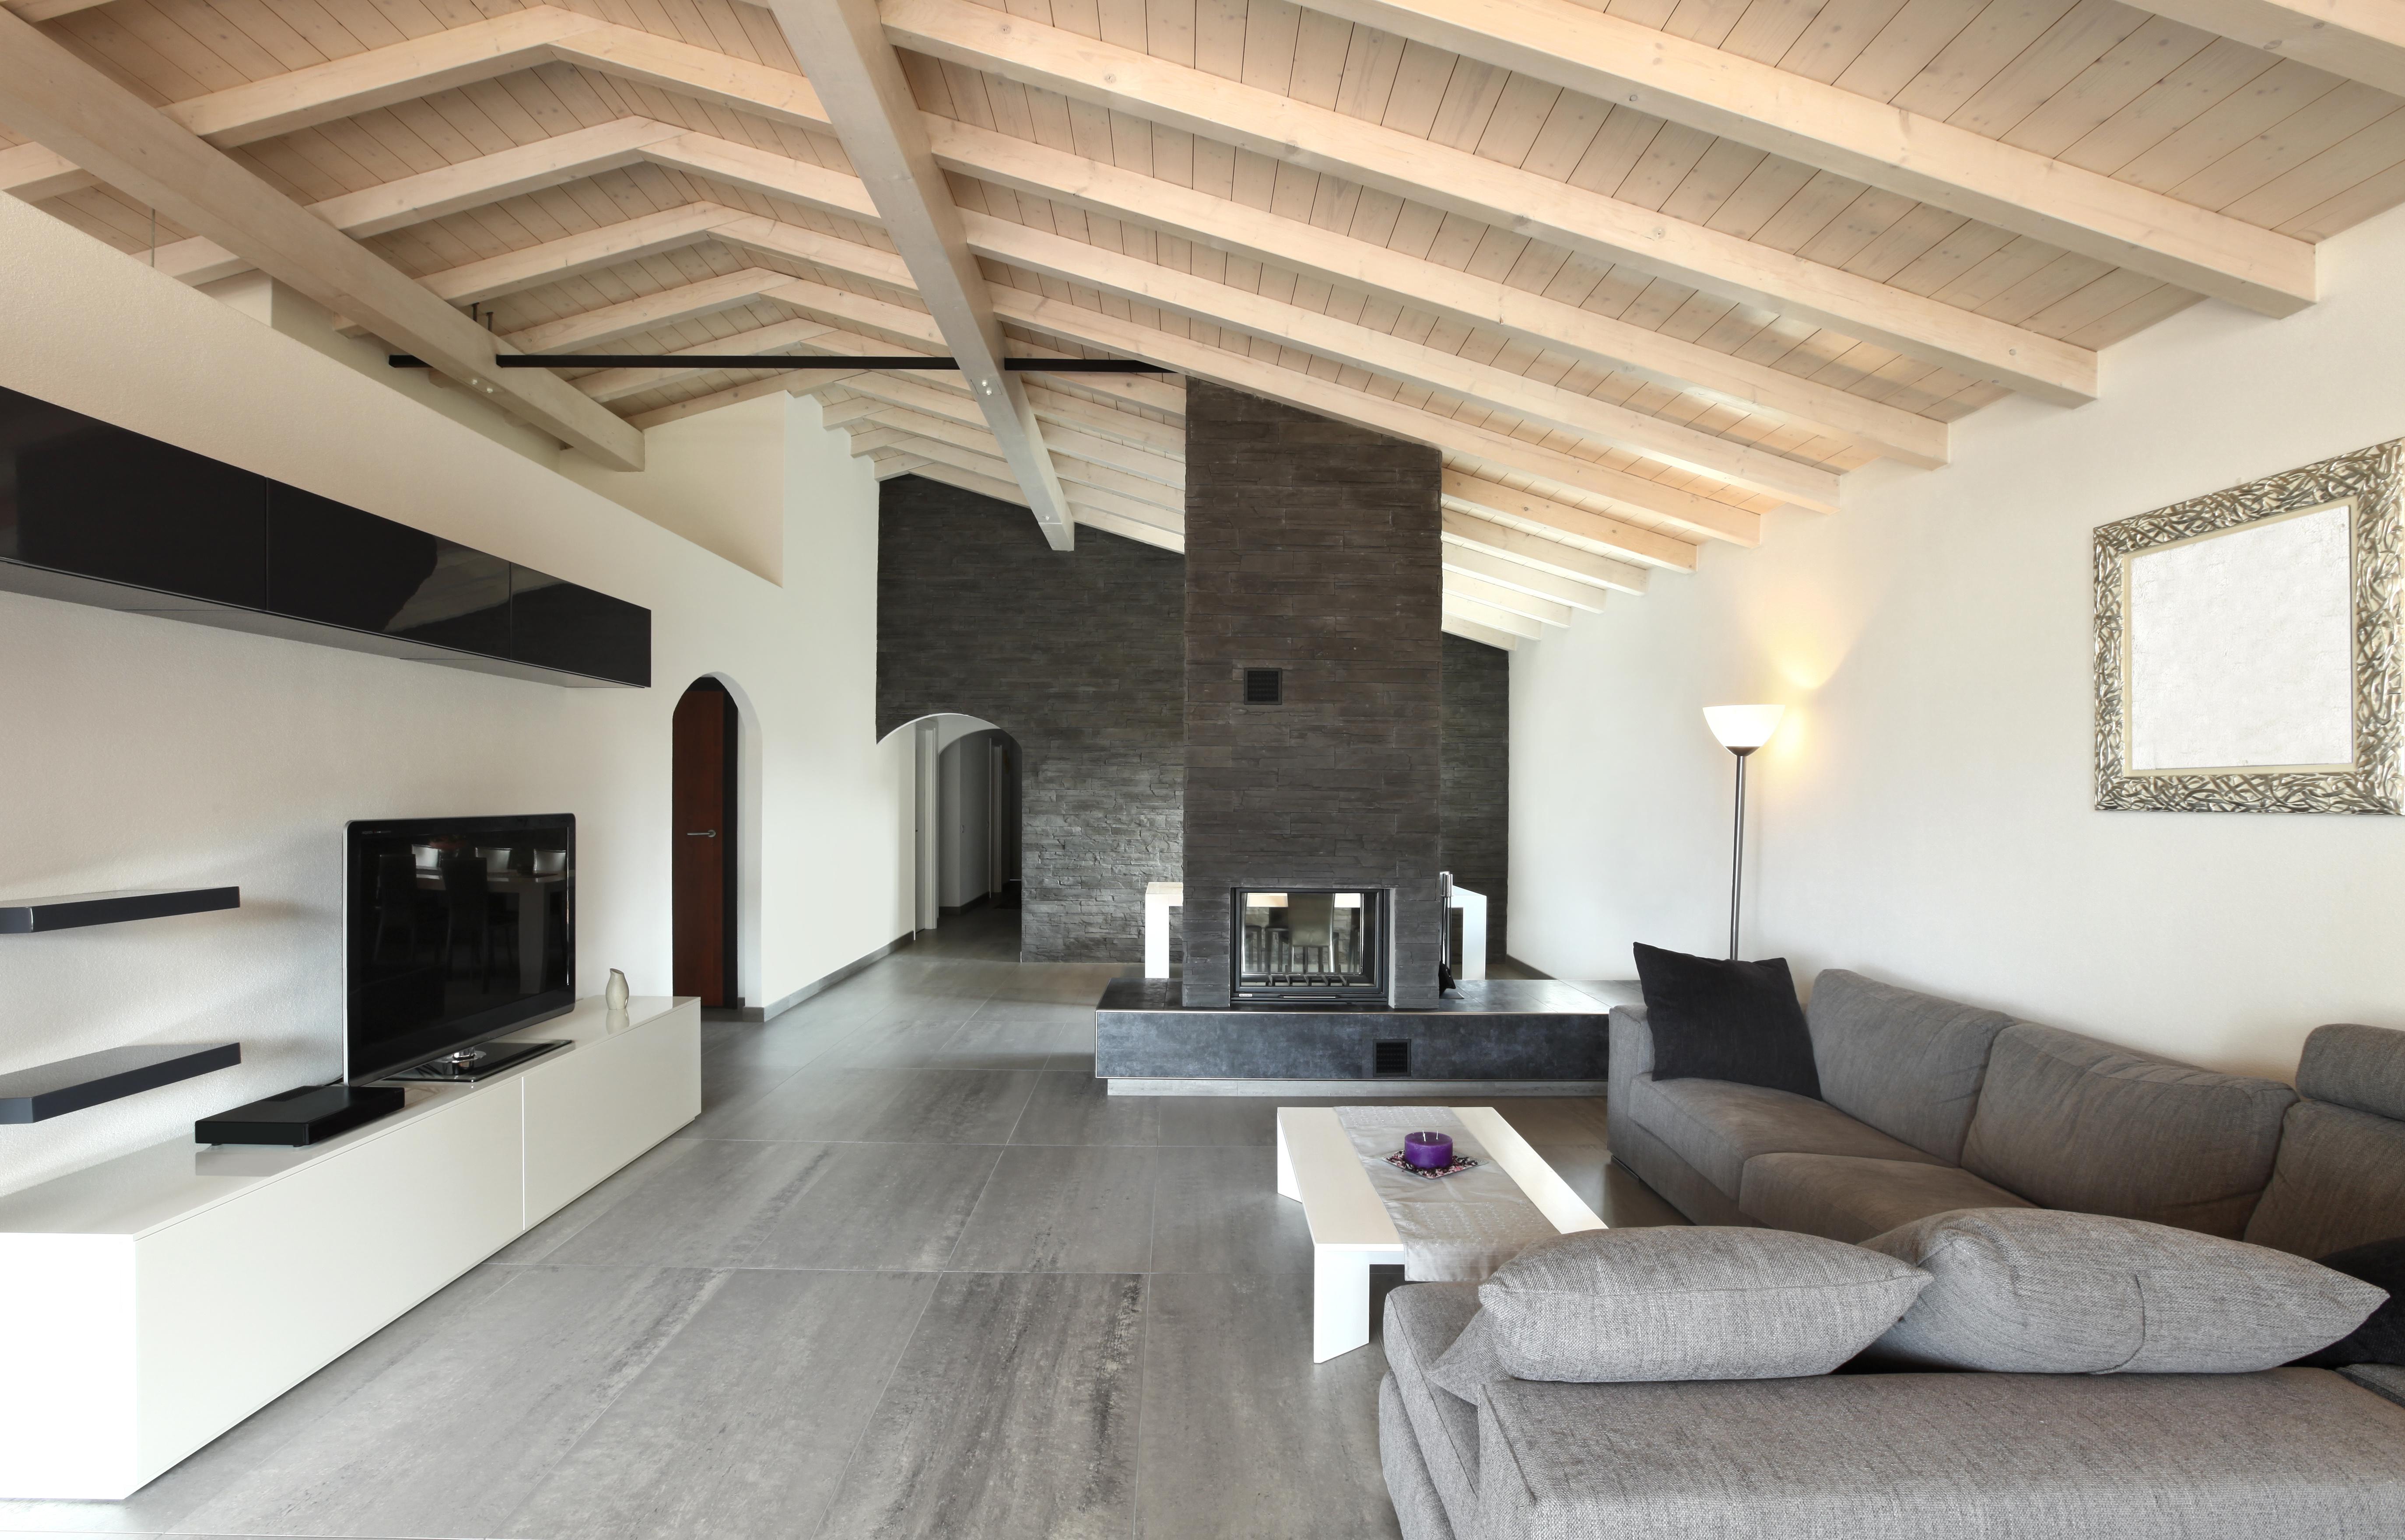 Arredare casa in stile minimal i consigli per non sbagliare for Arredare casa consigli